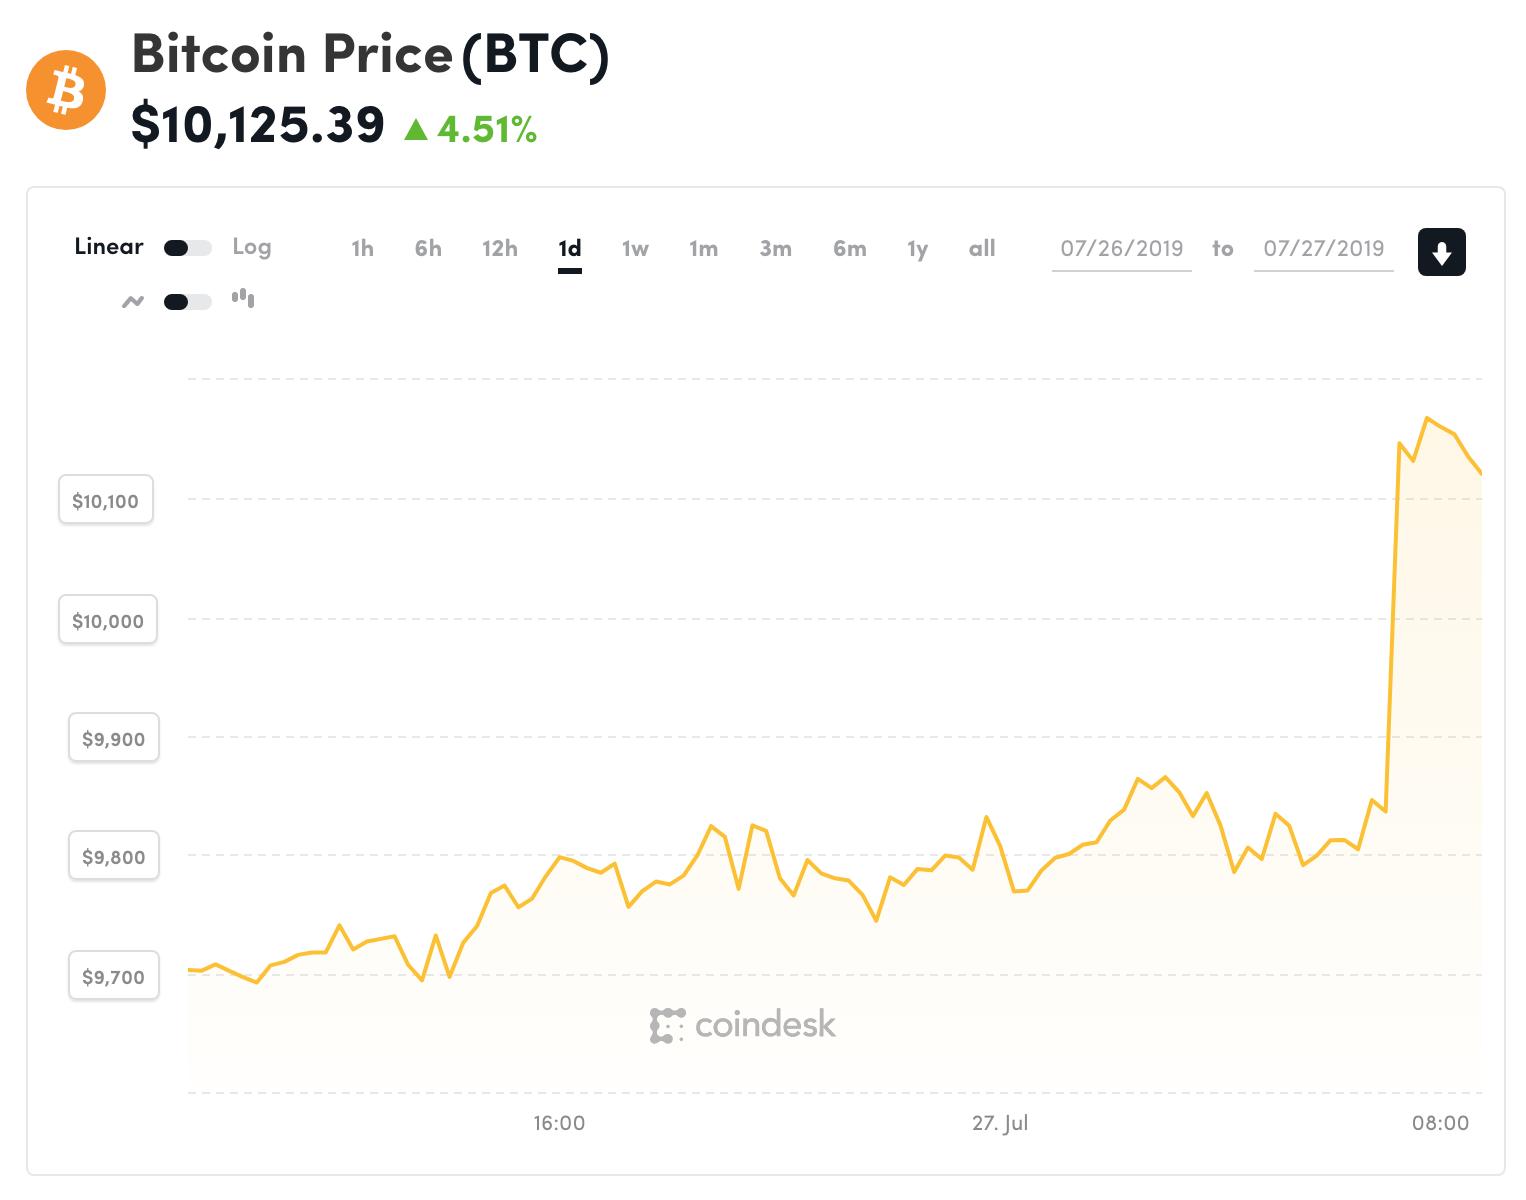 bitcoin - photo 2 15642296449312025822549 - Giá tiền ảo 27.7: Đua nhau bán tháo, Bitcoin rơi chạm đáy 5 tháng